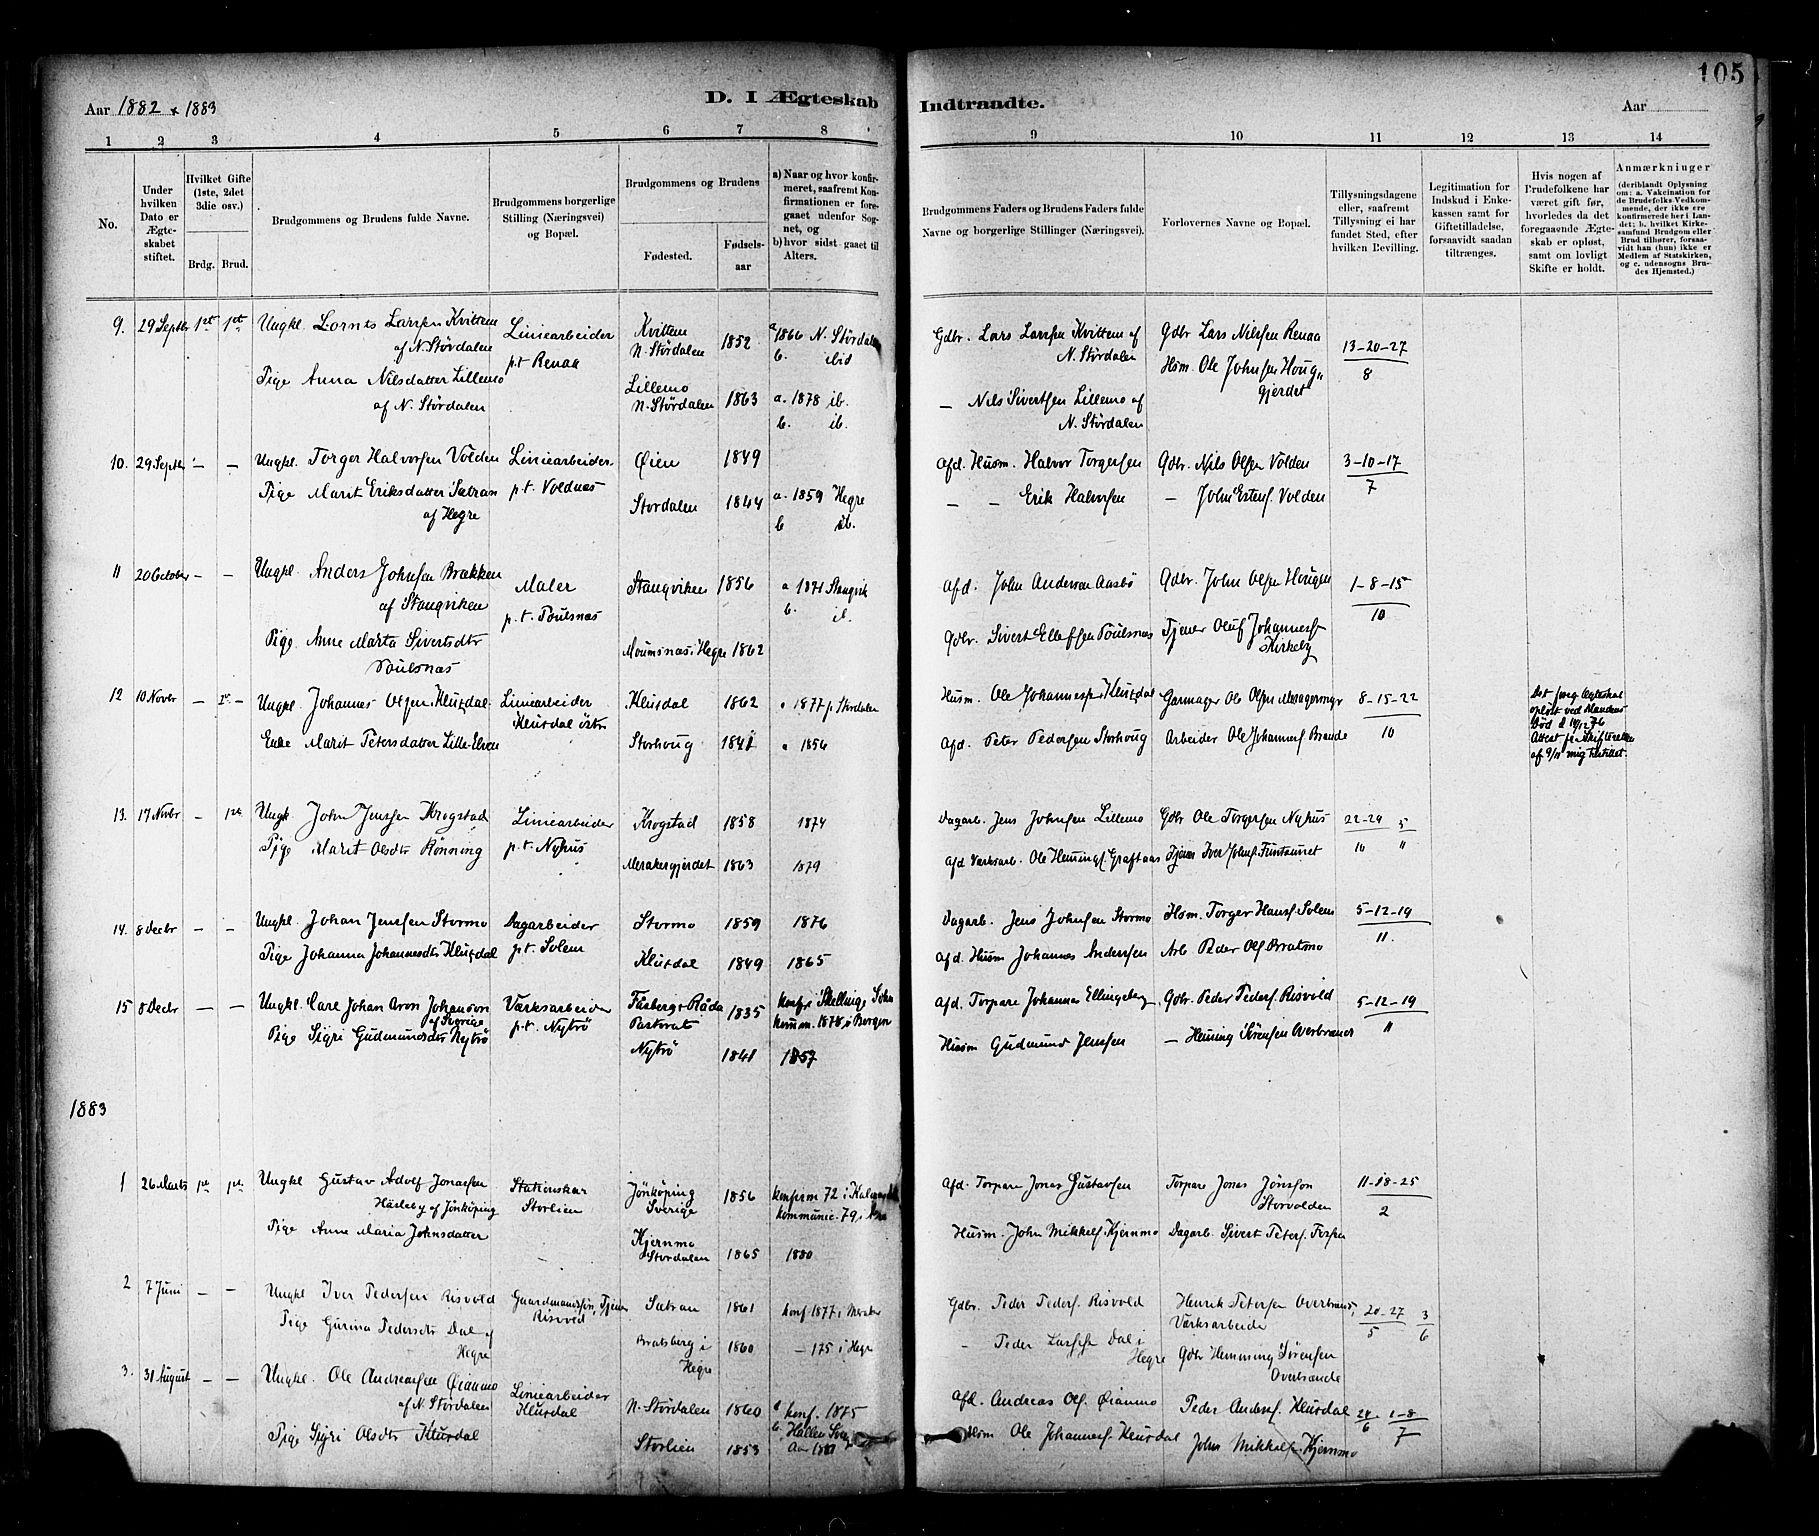 SAT, Ministerialprotokoller, klokkerbøker og fødselsregistre - Nord-Trøndelag, 706/L0047: Ministerialbok nr. 706A03, 1878-1892, s. 105